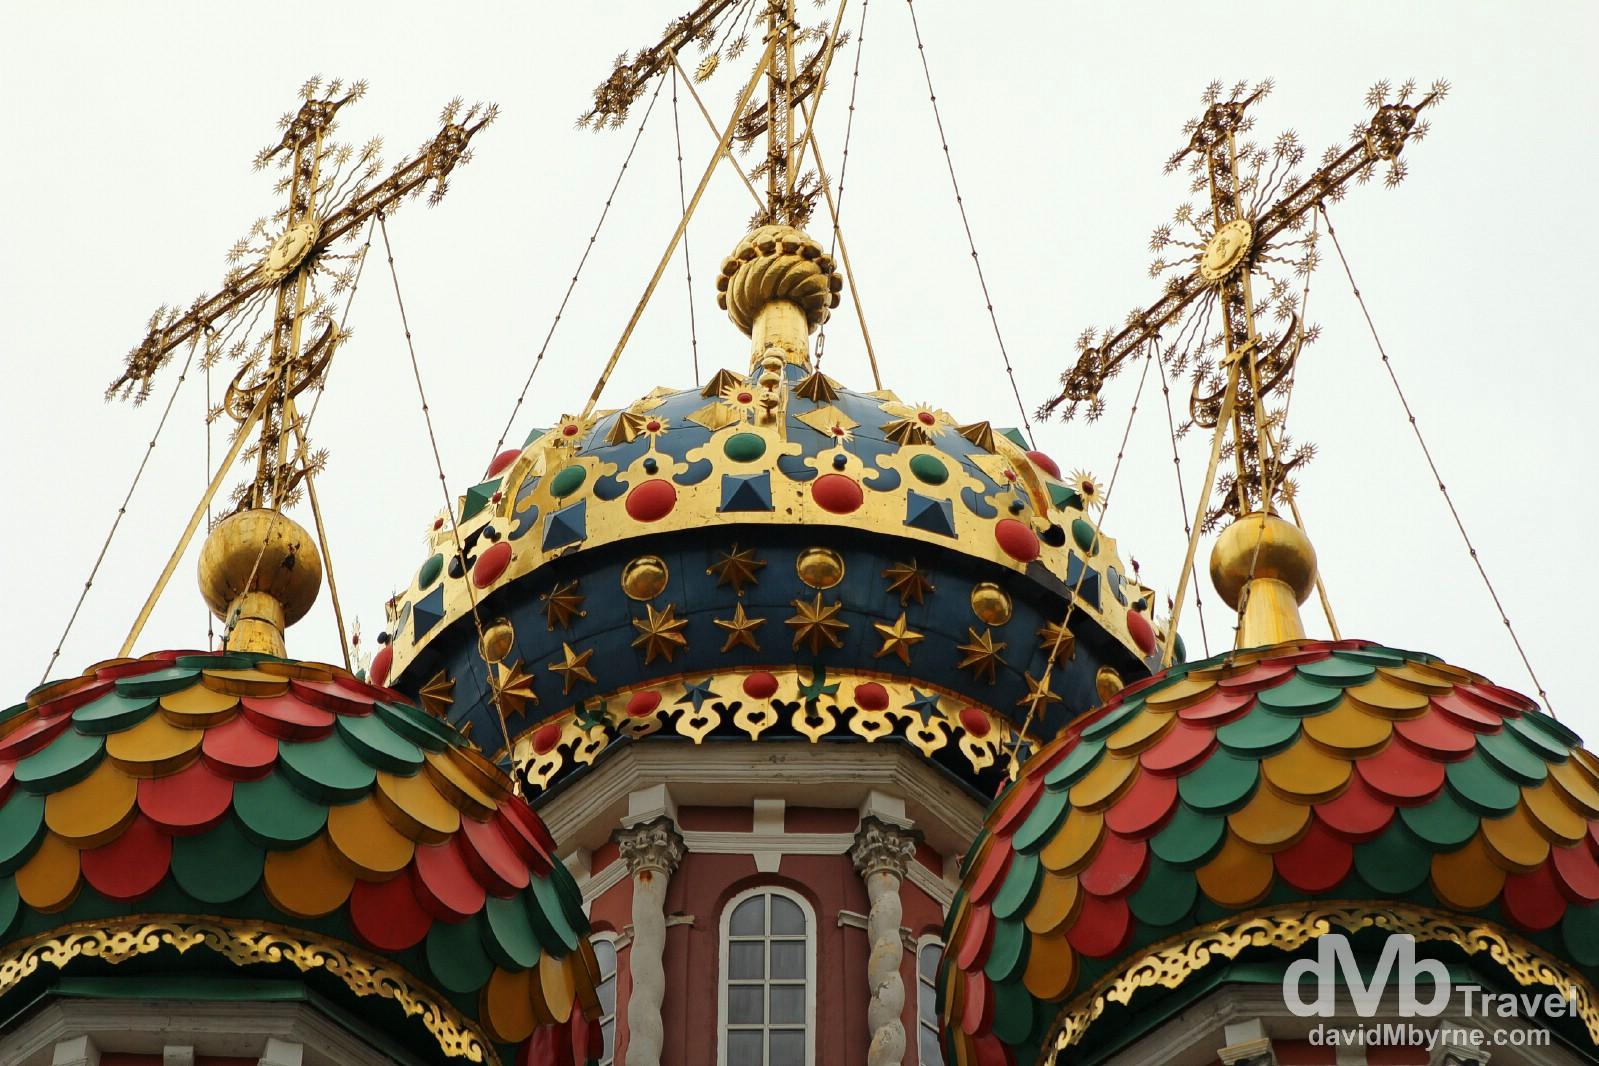 The decorative onion domes of Stroganov Church in Nizhny Novgorod, Russia. November 14th 2012.